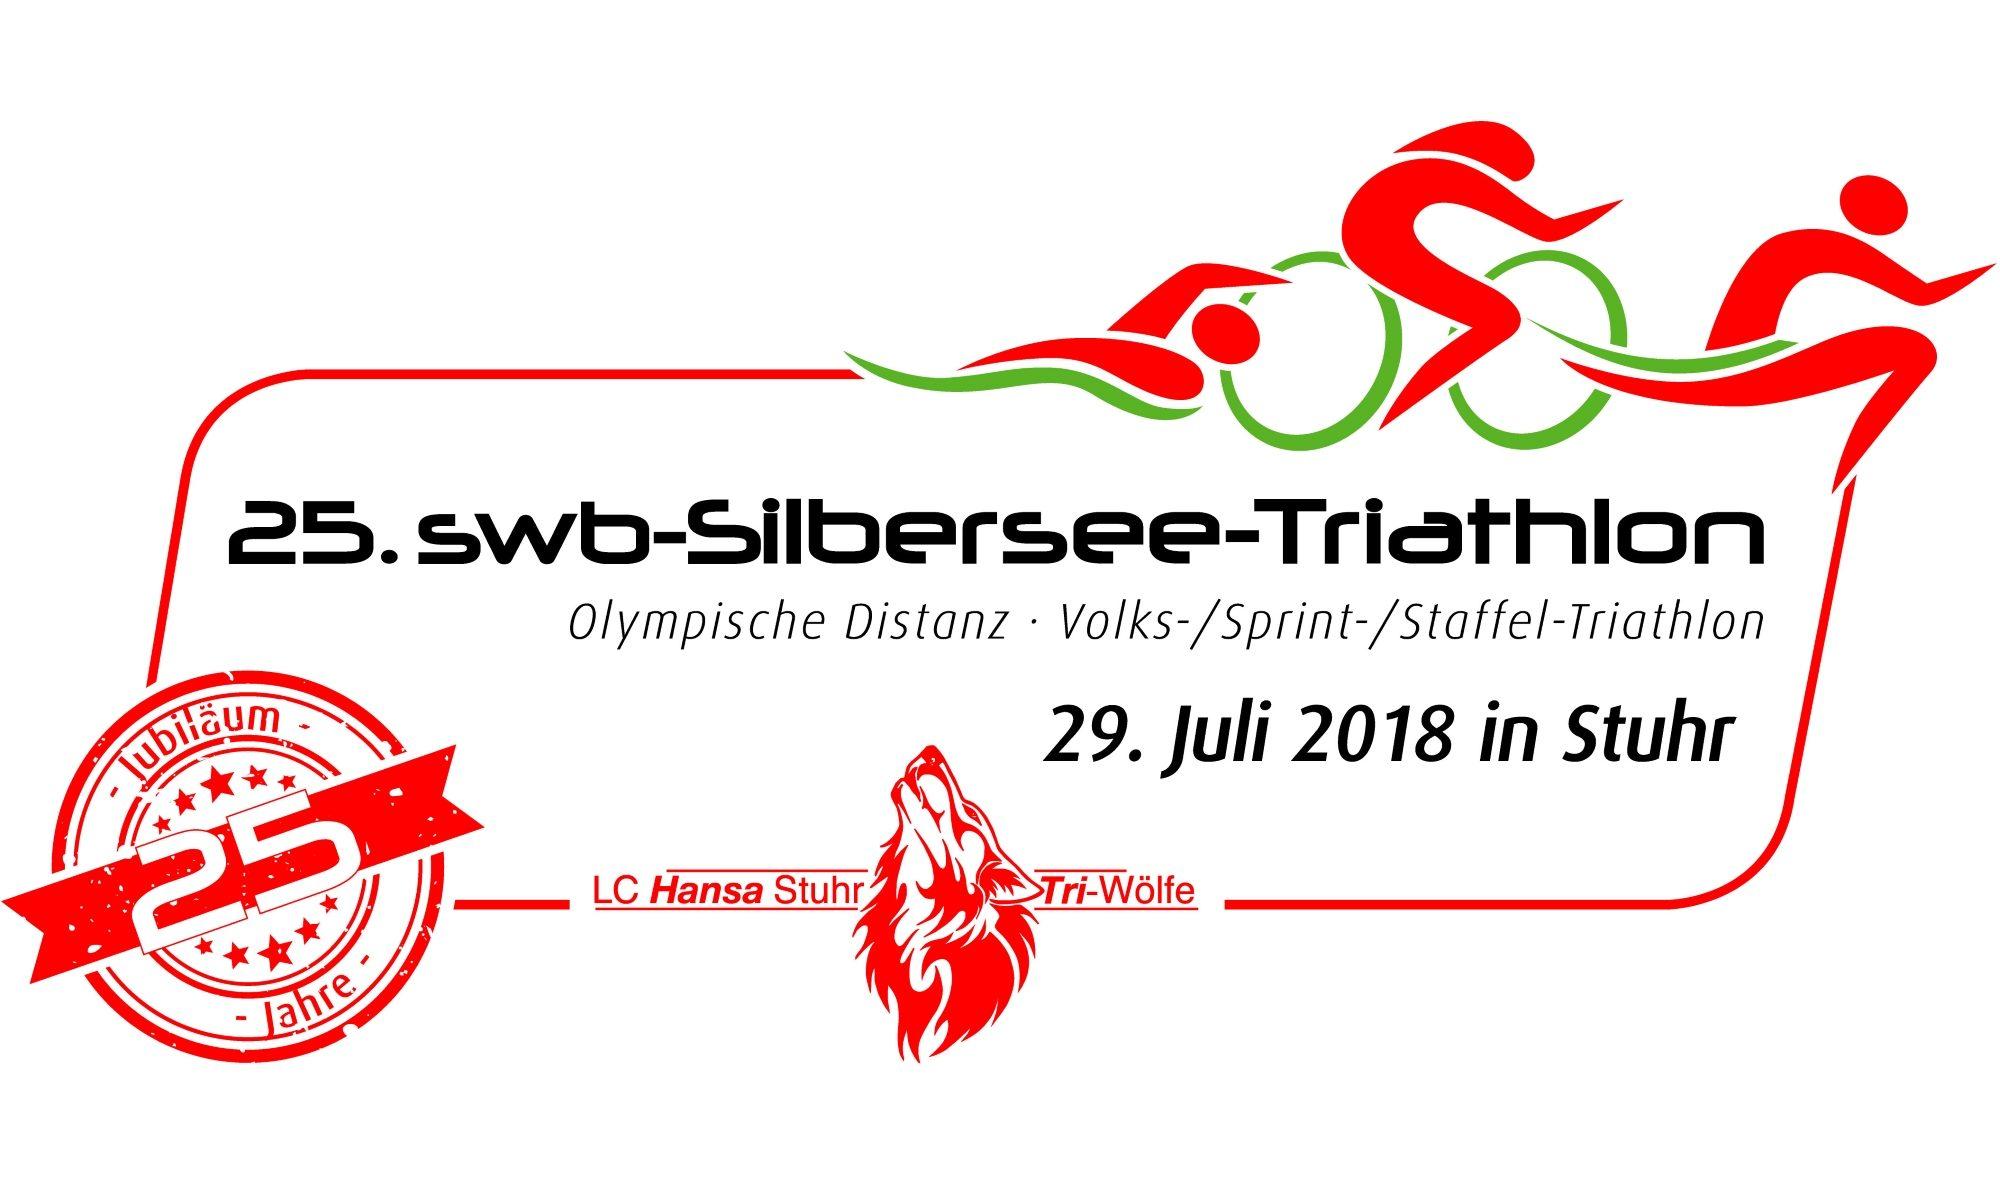 25. swb-Silbersee-Triathlon - 29.07.2018